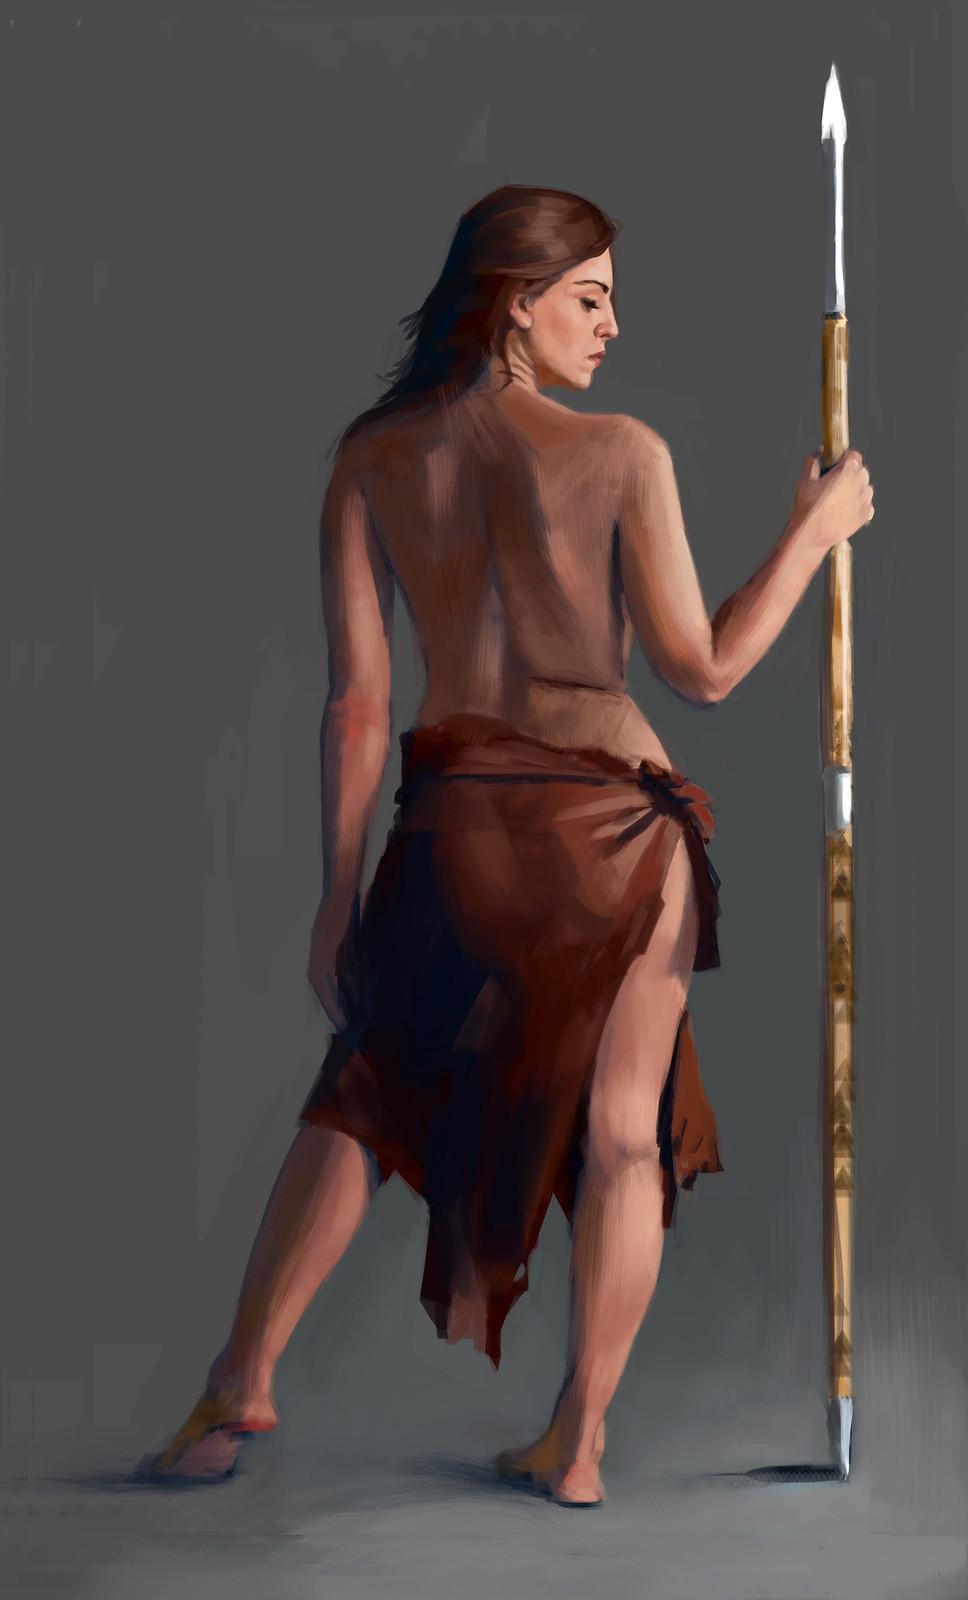 Woman spear